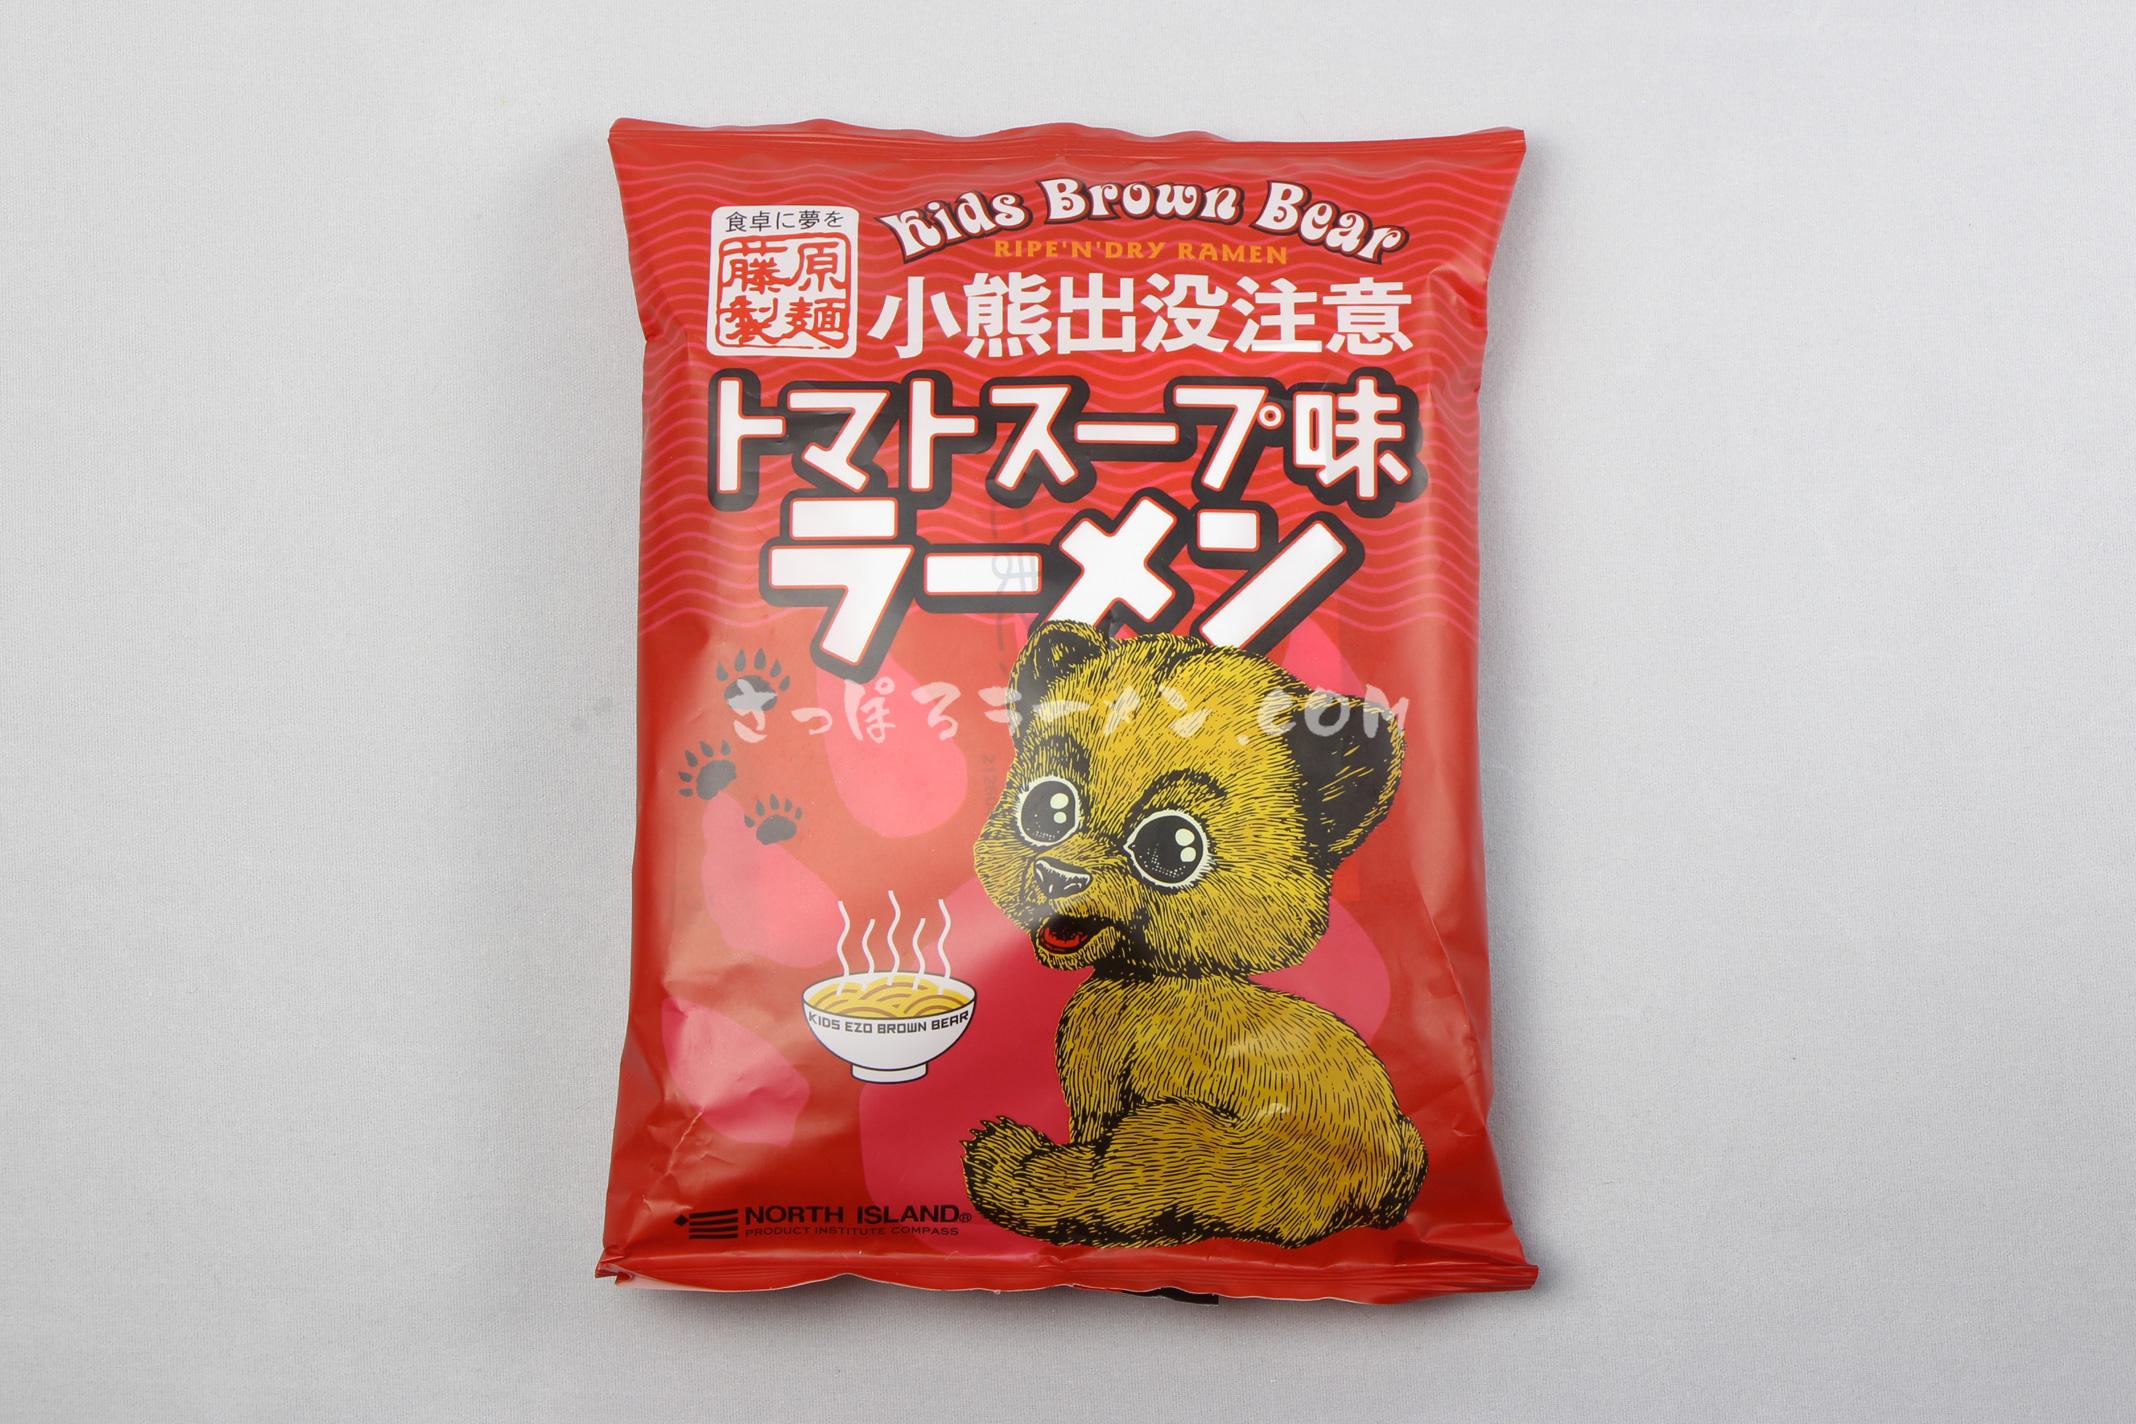 「小熊出没注意 トマトスープ味ラーメン」(藤原製麺)のパッケージ(表)